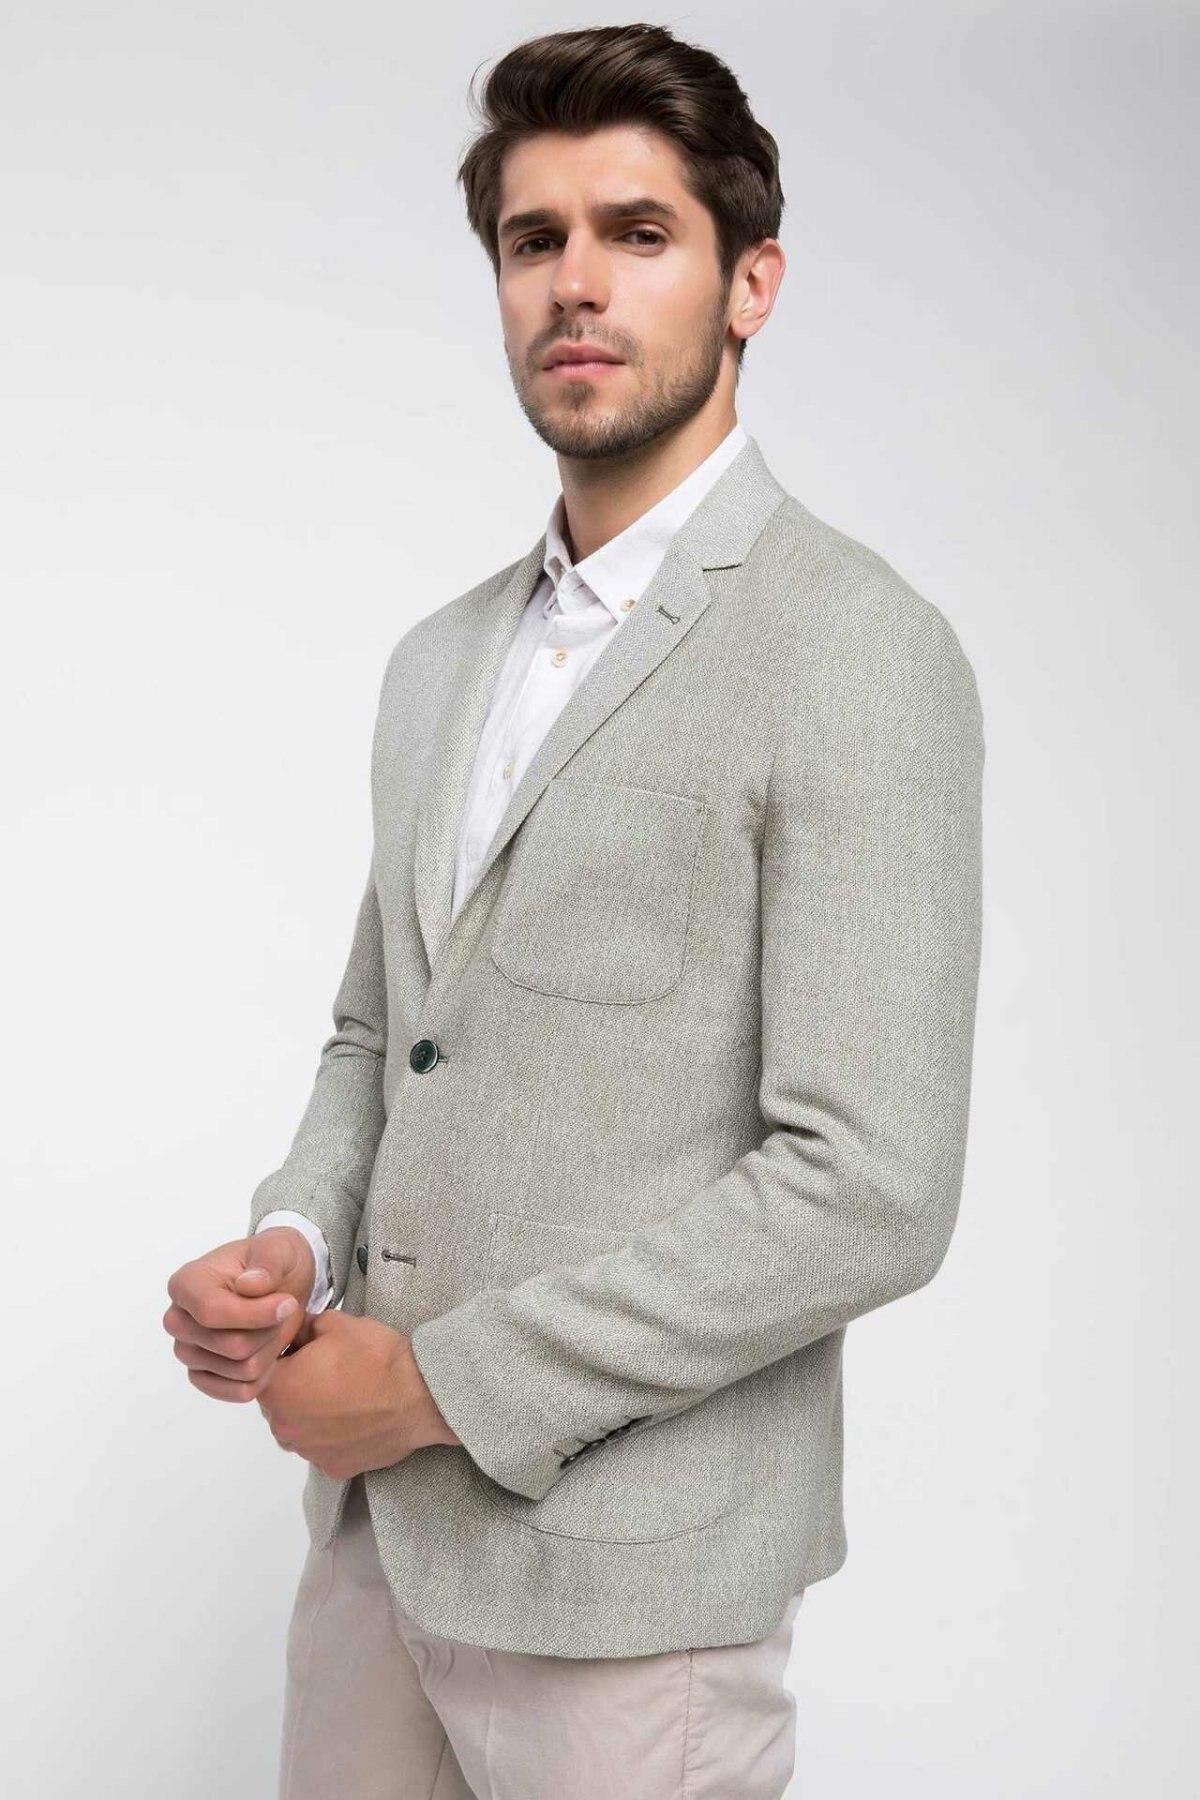 DeFacto Brand Formal Man Fashion Lapel Blazer Men's Light Color Office Coats Autumn Male Casual Simple Suits New - J3837AZ18HS